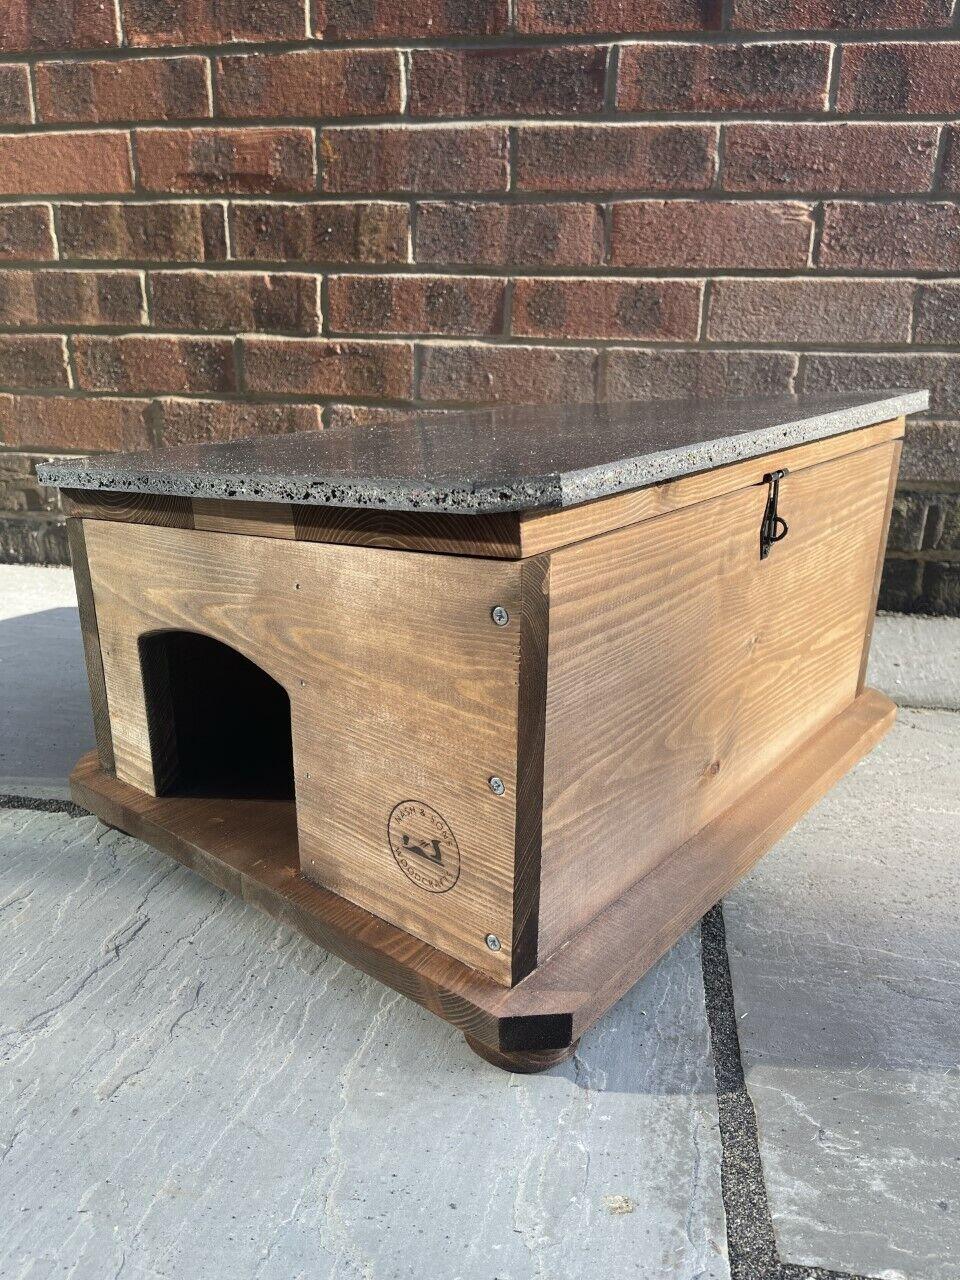 Dark Brown Hedgehog House, Hedgehog Shelter, Hedgehog Box Built to Last